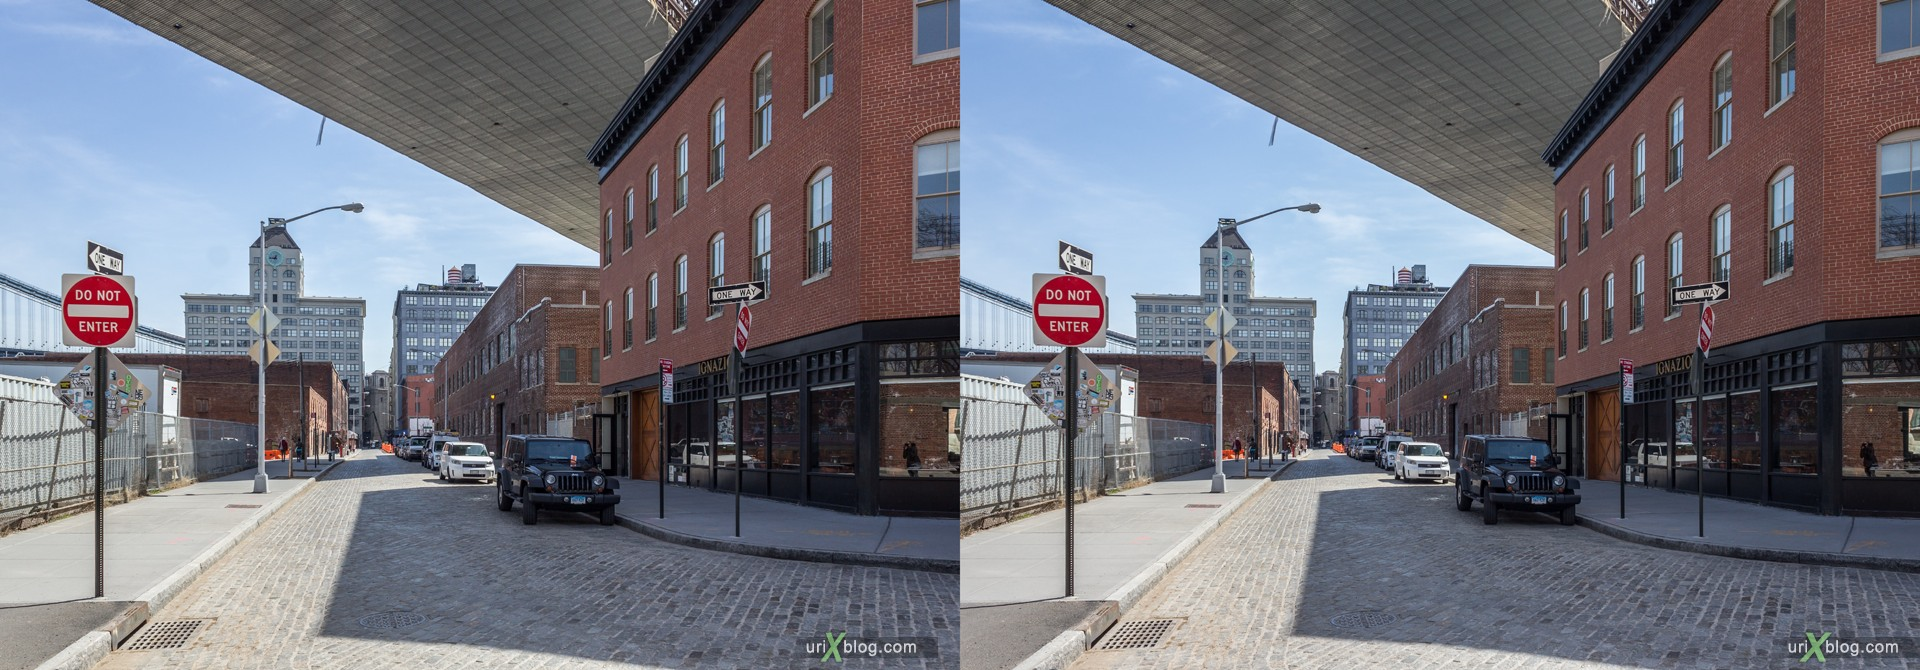 2013, Water улица, Бруклин, Нью-Йорк, США, 3D, перекрёстные стереопары, стерео, стереопара, стереопары